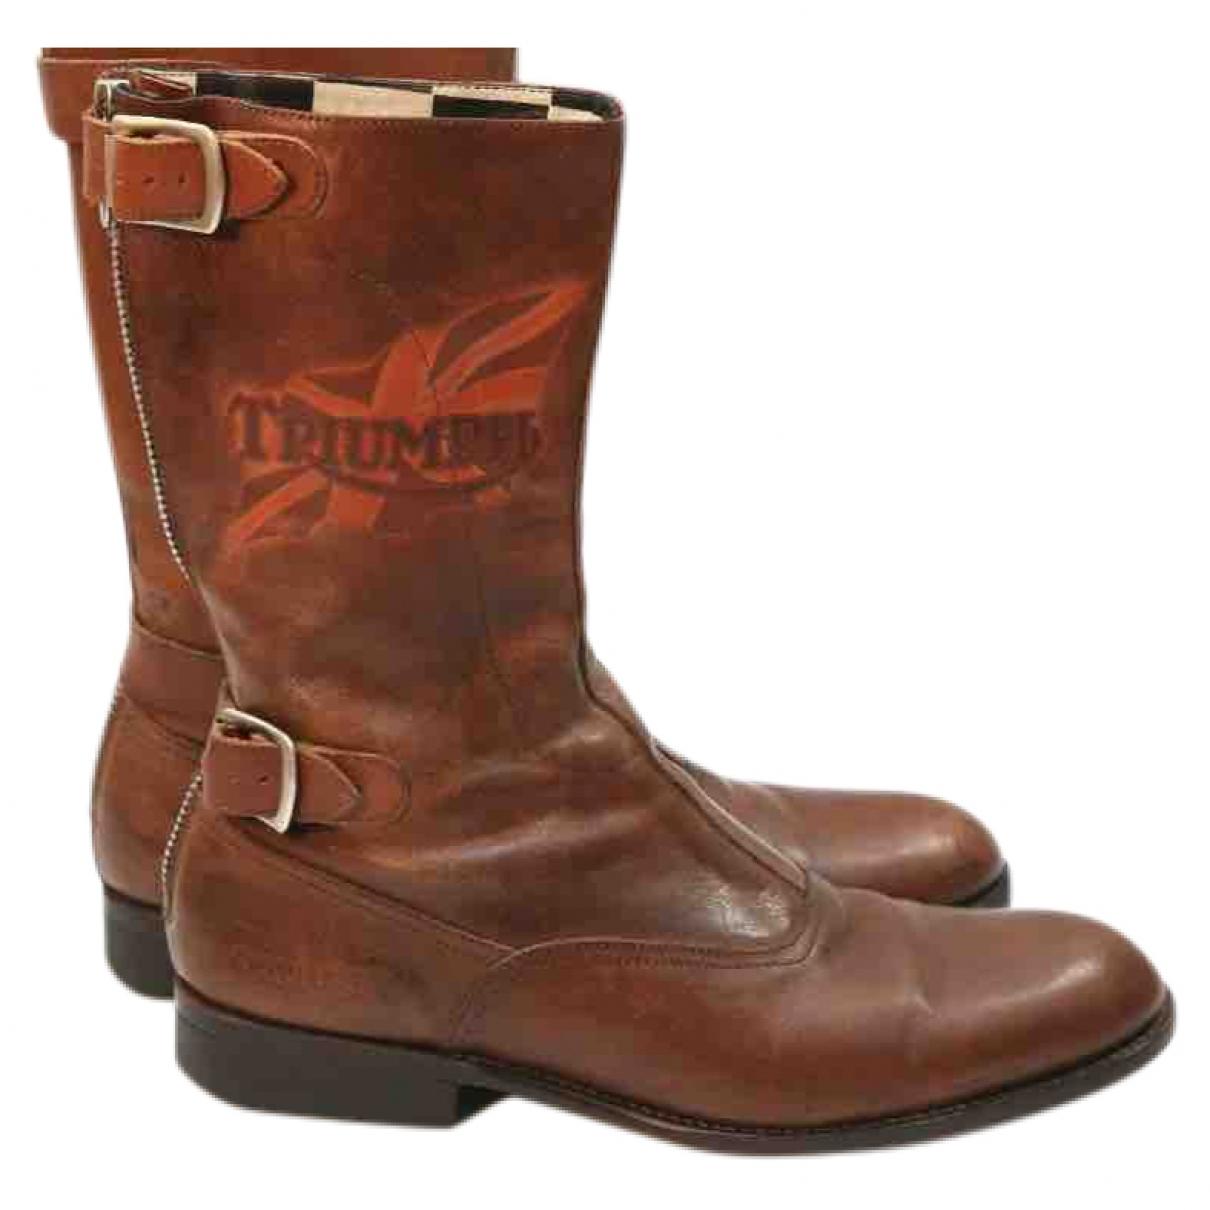 Paul Smith - Bottes.Boots   pour homme en cuir - marron